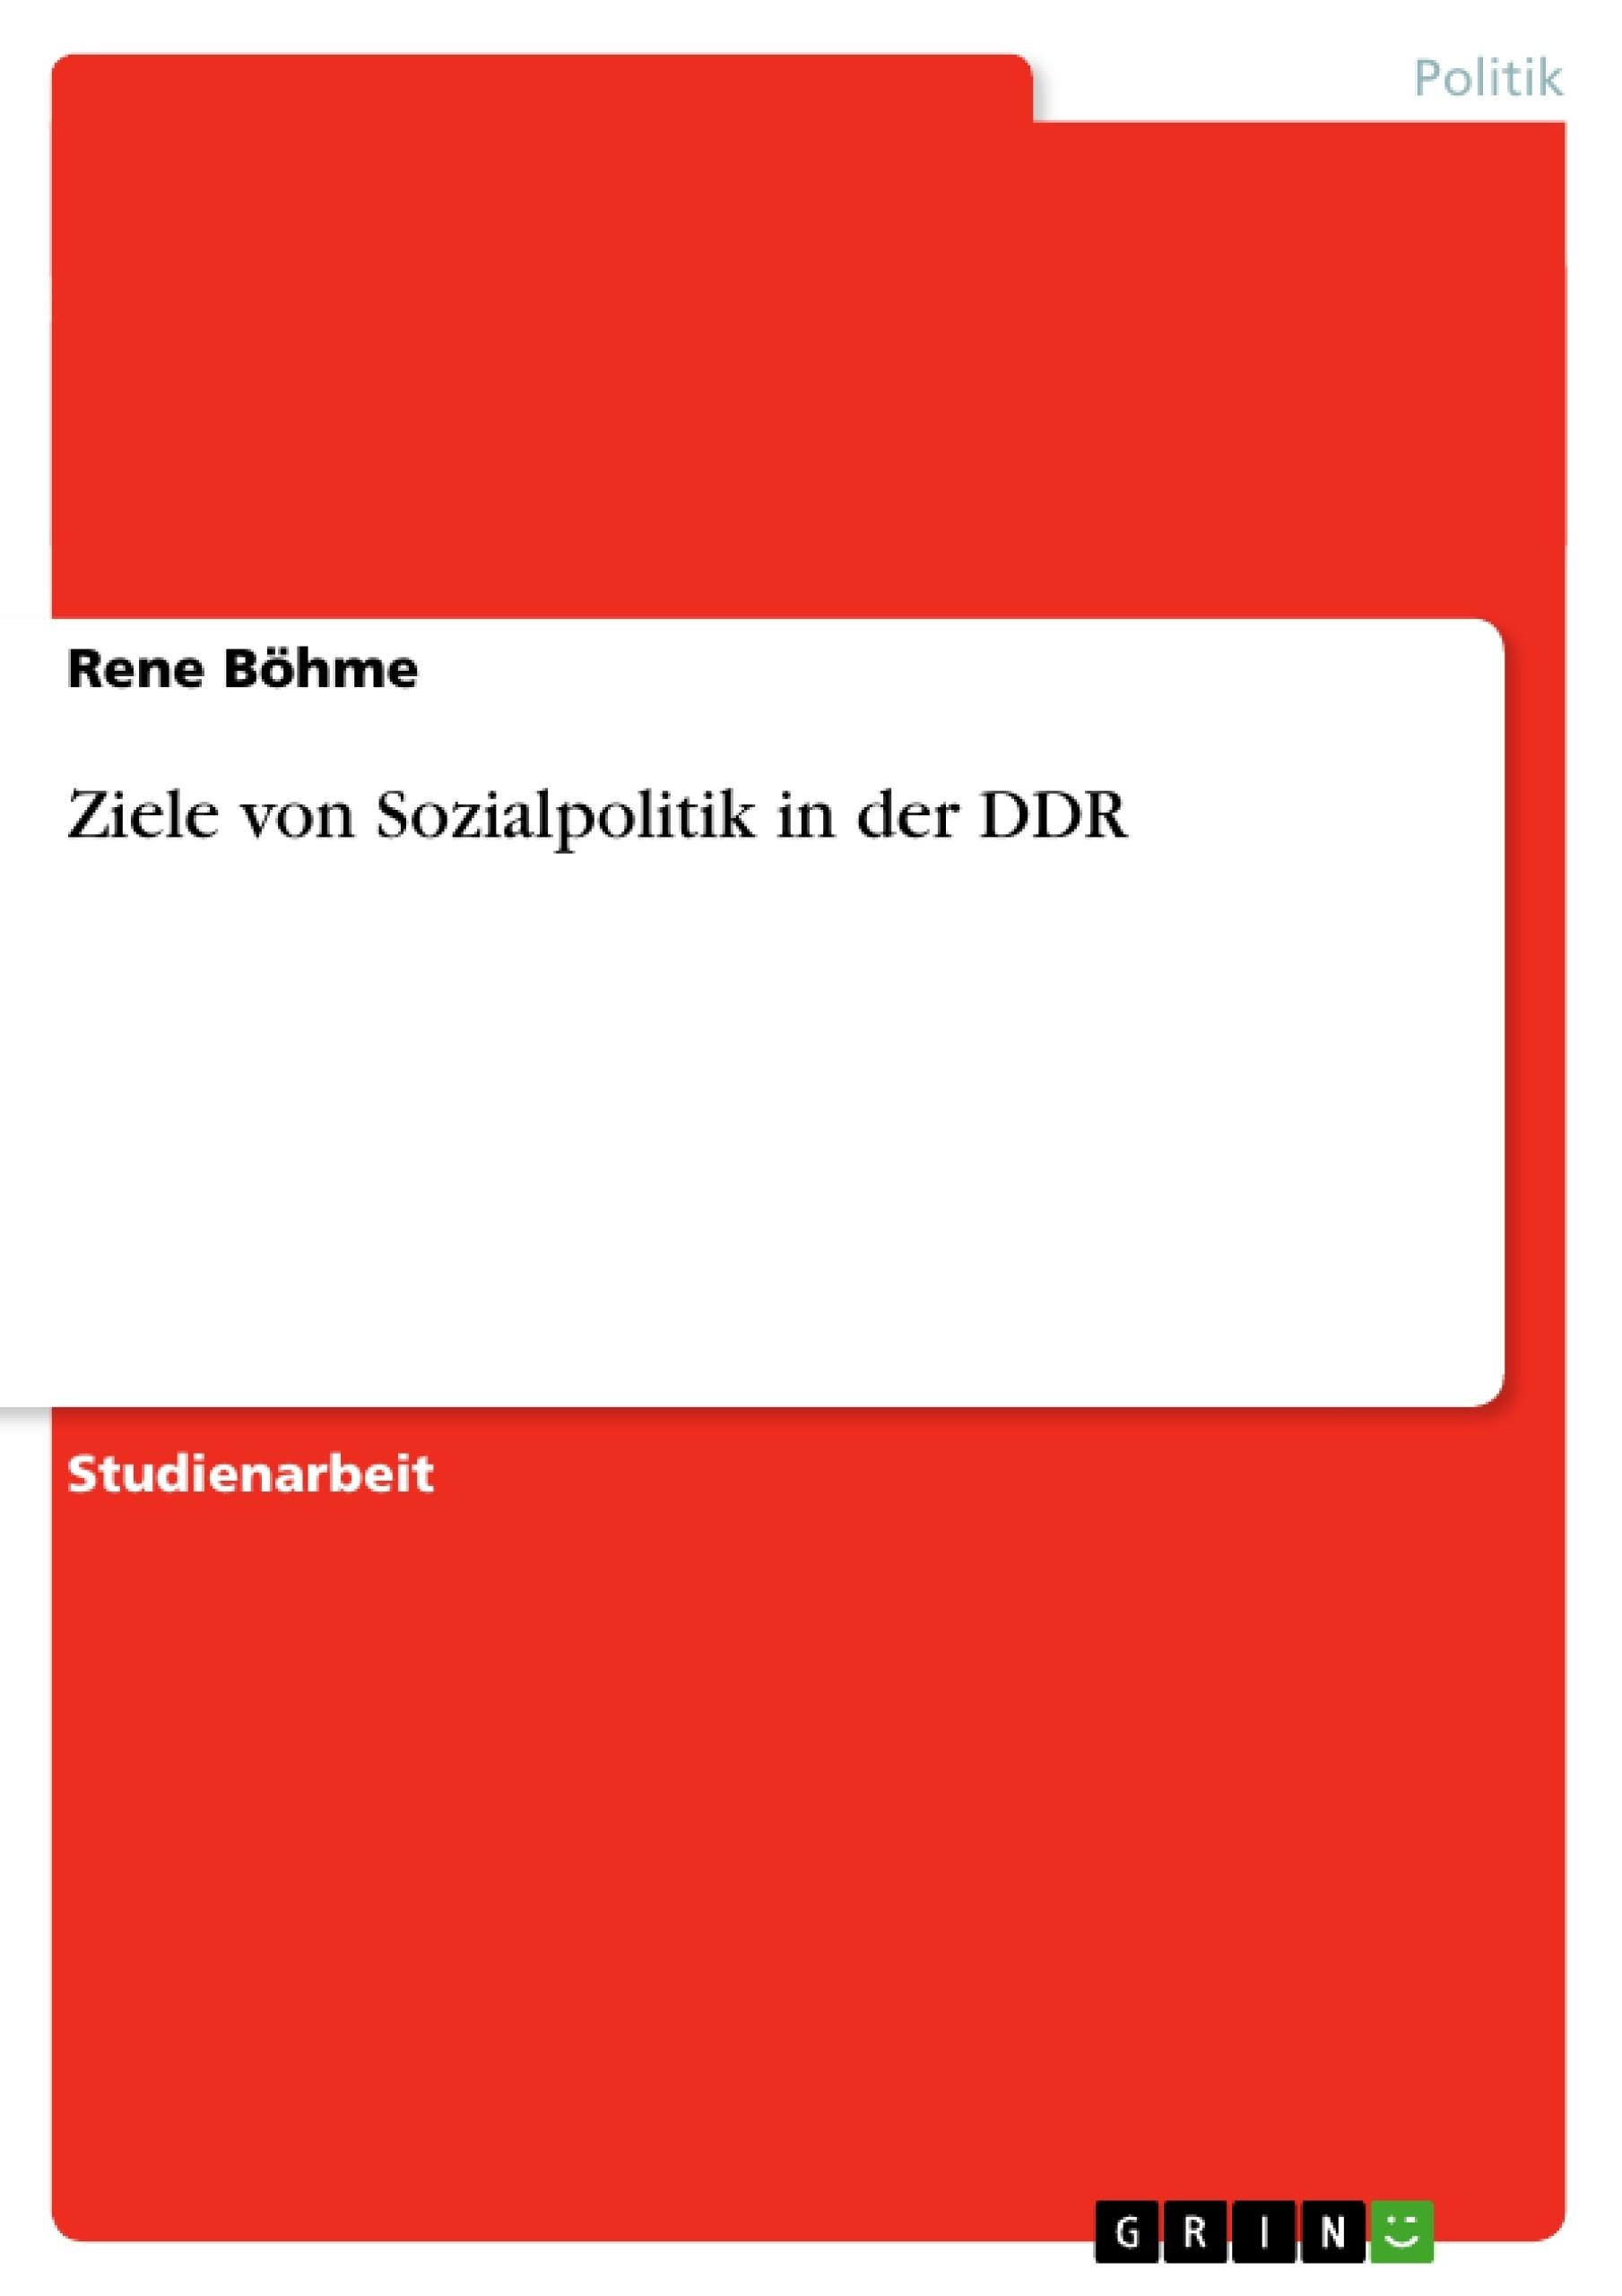 Titel: Ziele von Sozialpolitik in der DDR